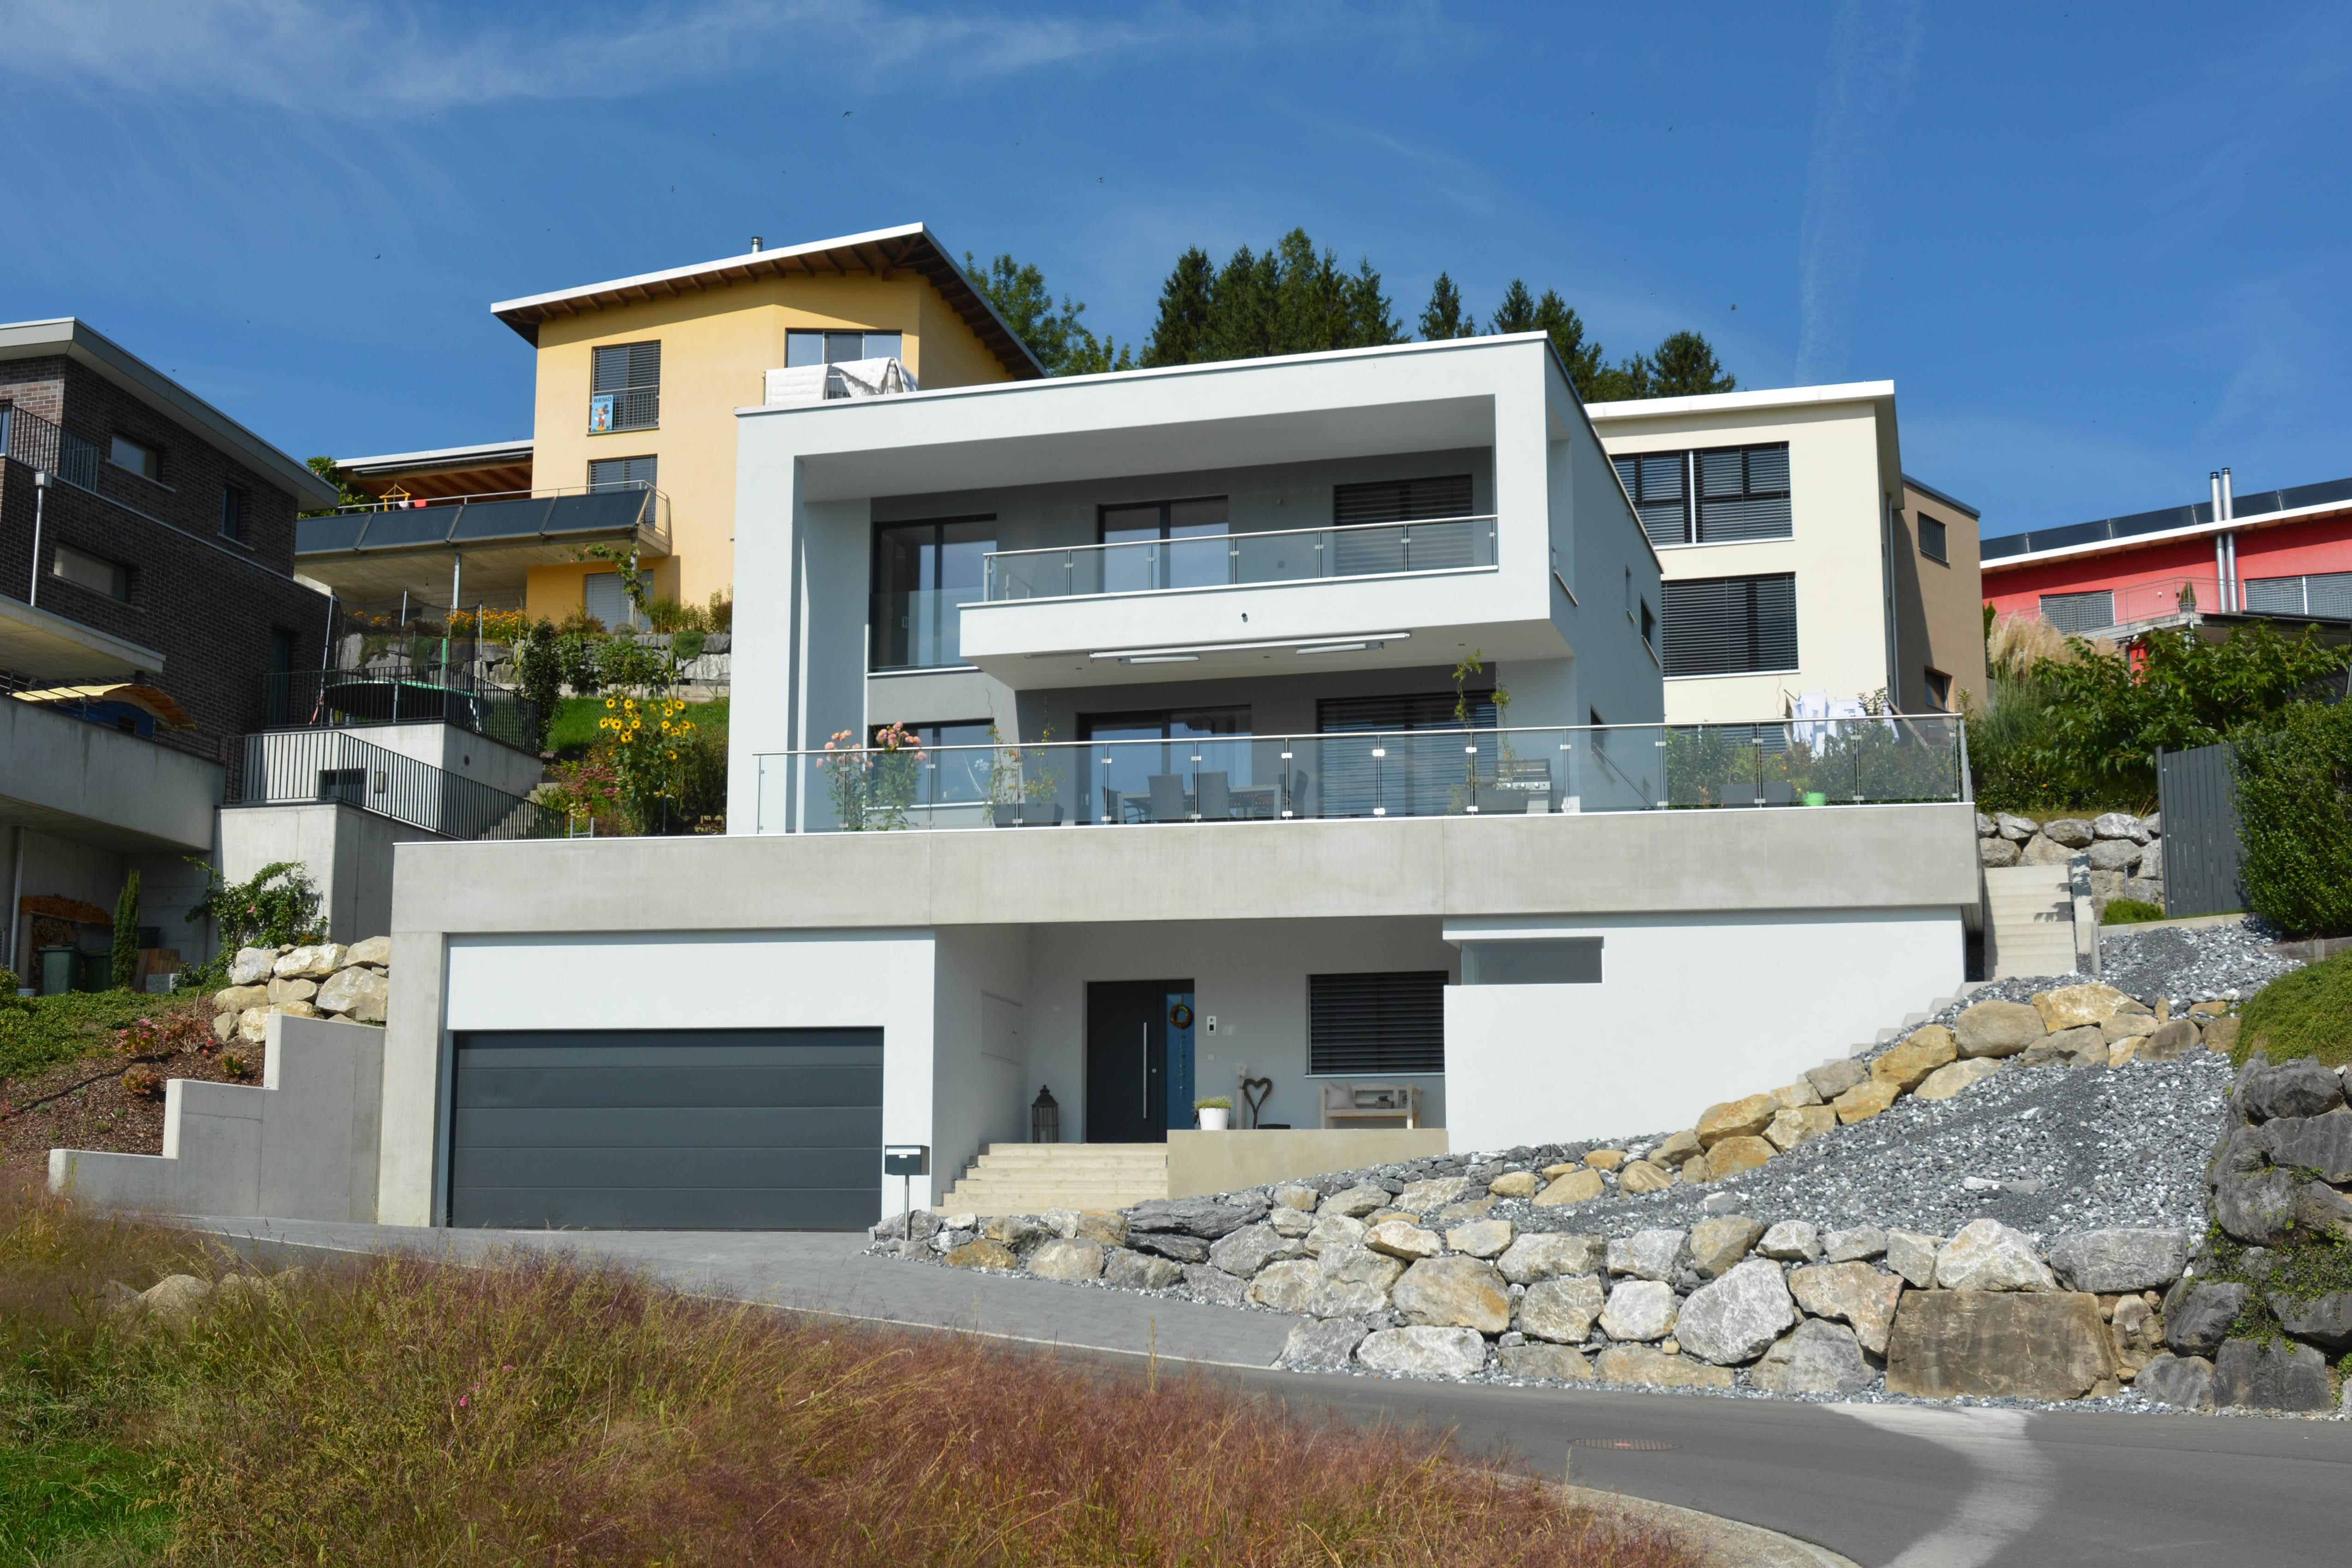 Studie Variante moderne Architektur Familie Garten Bauleitung Planung Kaltbrunn Ronner Design zeitgenössich modern kubisch